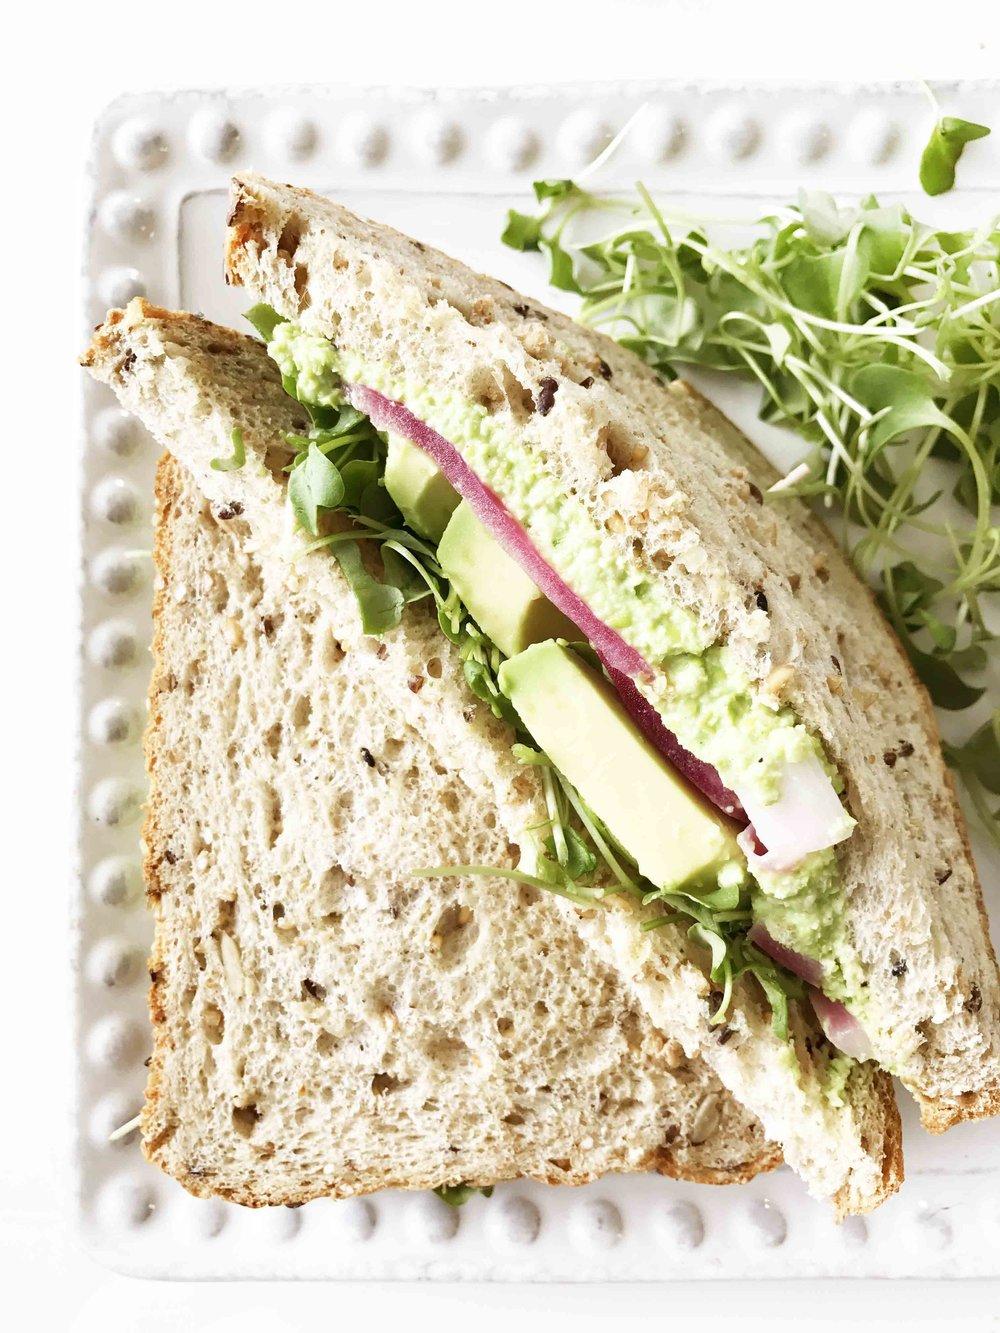 edamame-sandwich6.jpg